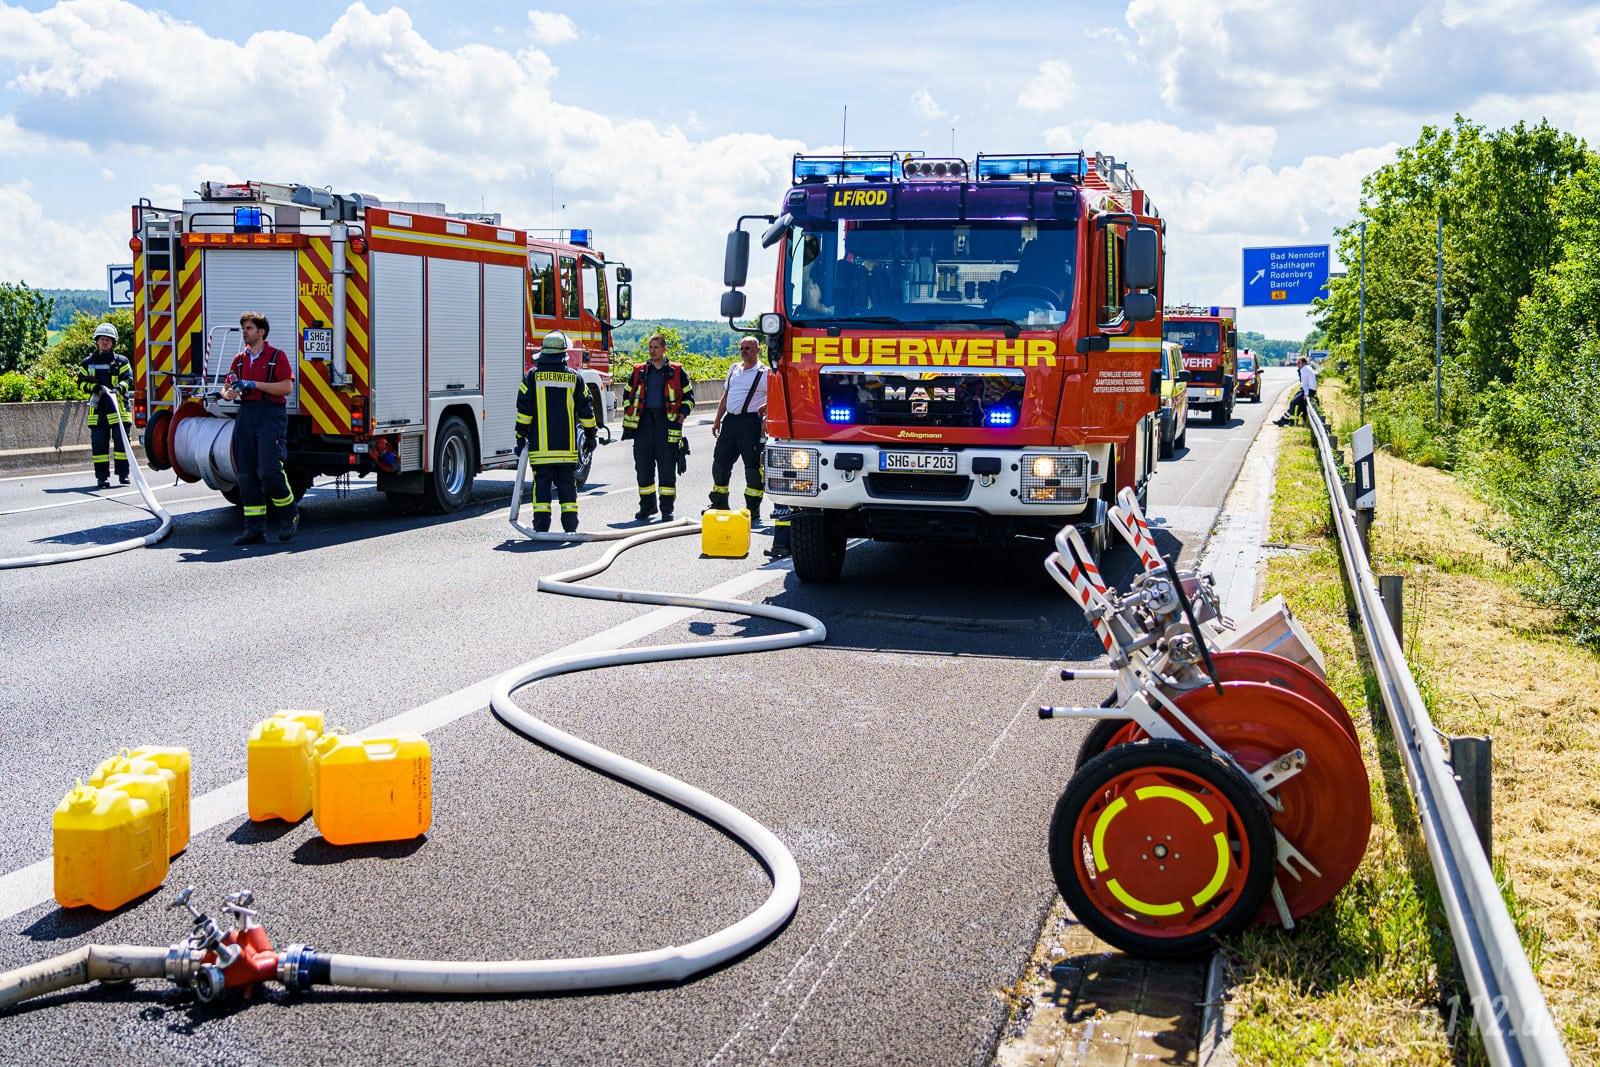 Fahrzeuge aus Rodenberg und Bad Nenndorf (Foto: n112.de/Stefan Simonsen)